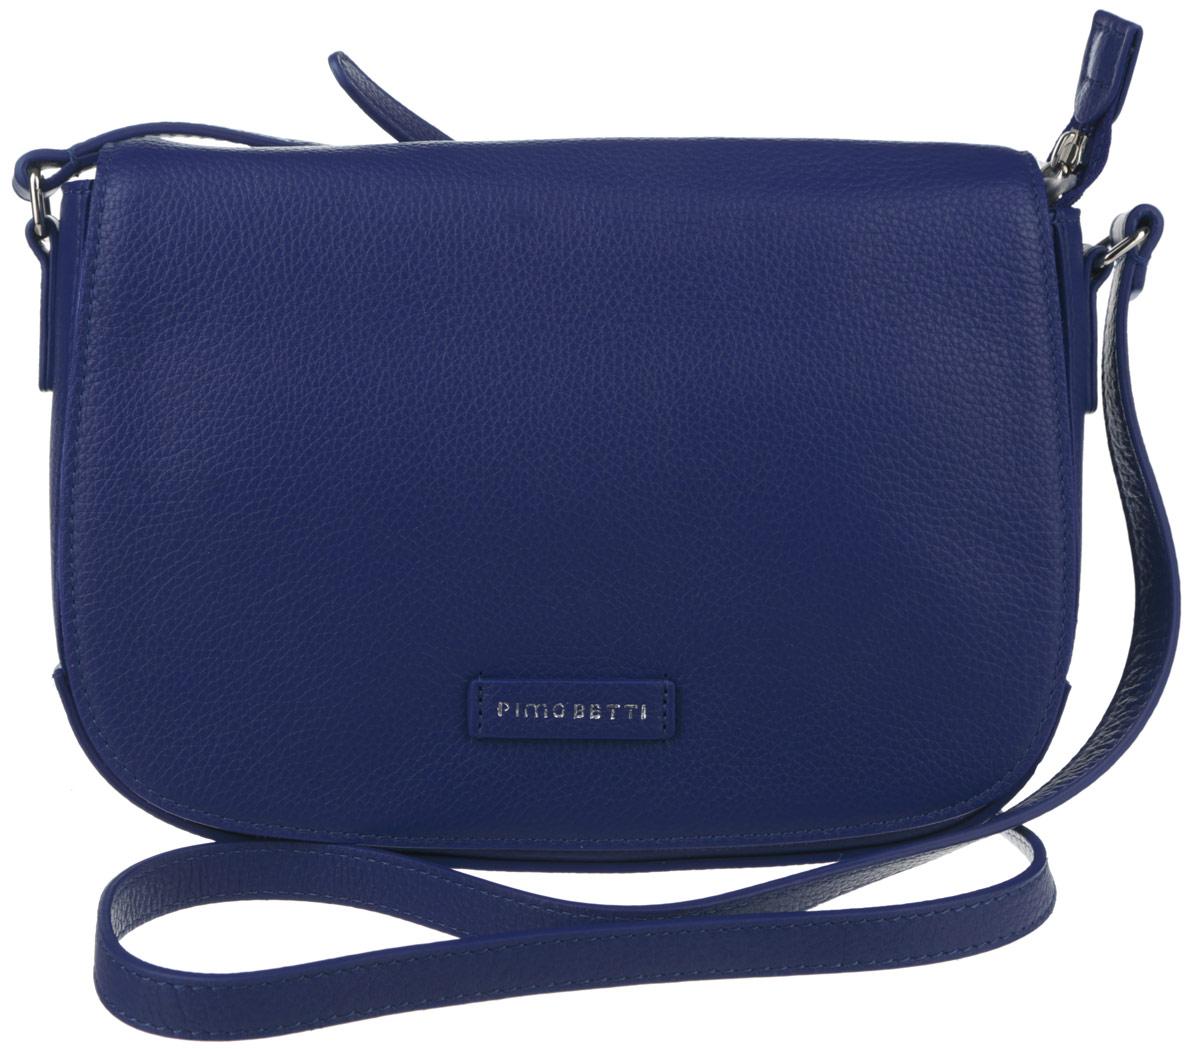 Сумка женская Pimo Betti, цвет: синий. 13833B-W113833B-W1Стильная женская сумка Pimo Betti выполнена из натуральной кожи с зернистой фактурой, оформлена символикой бренда. Изделие содержит одно вместительное отделение, закрывающееся на застежку-молнию и дополнительно клапаном с магнитной кнопкой. Внутри сумки расположены два накладных кармашка для мелочей и врезной карман на застежке-молнии. Снаружи, на задней стороне сумки, расположен врезной кармашек на застежке-молнии. Изделие оснащено практичным плечевым ремнем регулируемой длины. Оригинальный аксессуар позволит вам завершить образ и быть неотразимой.